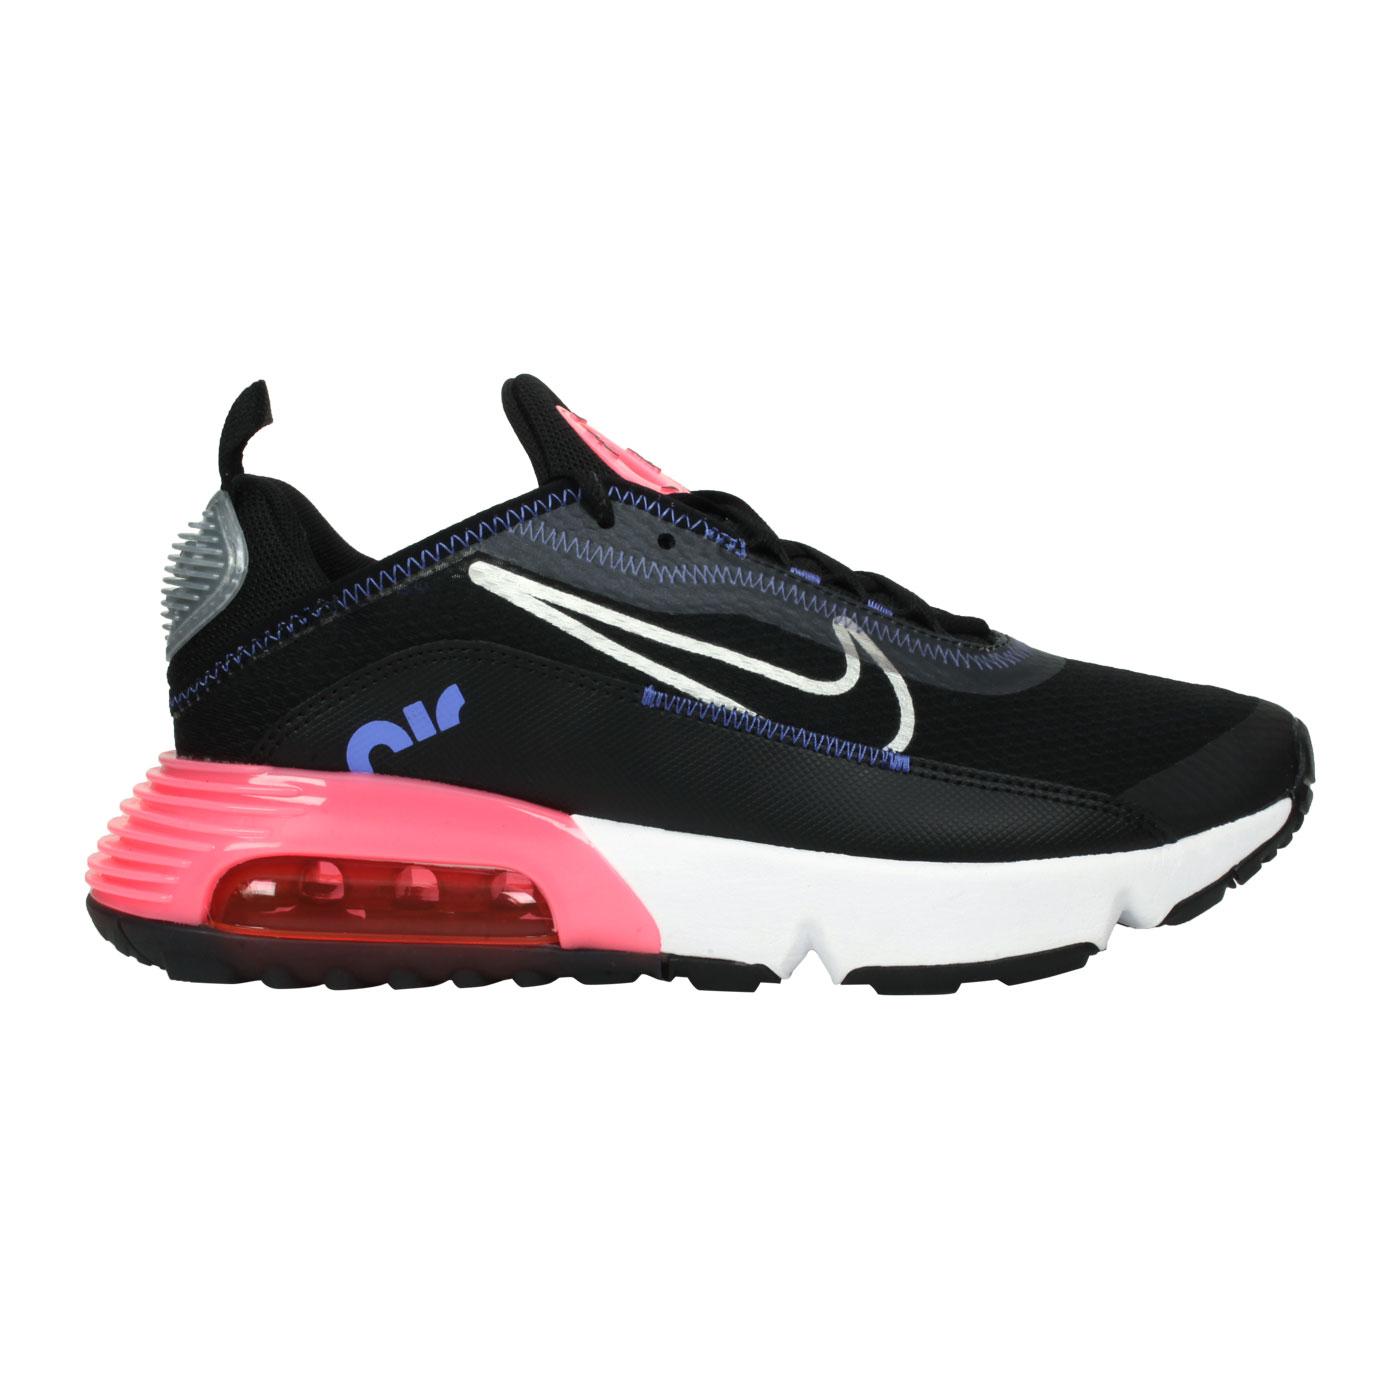 NIKE 大童運動休閒鞋  @AIR MAX 2090 (GS)@CJ4066011 - 黑紫粉紅